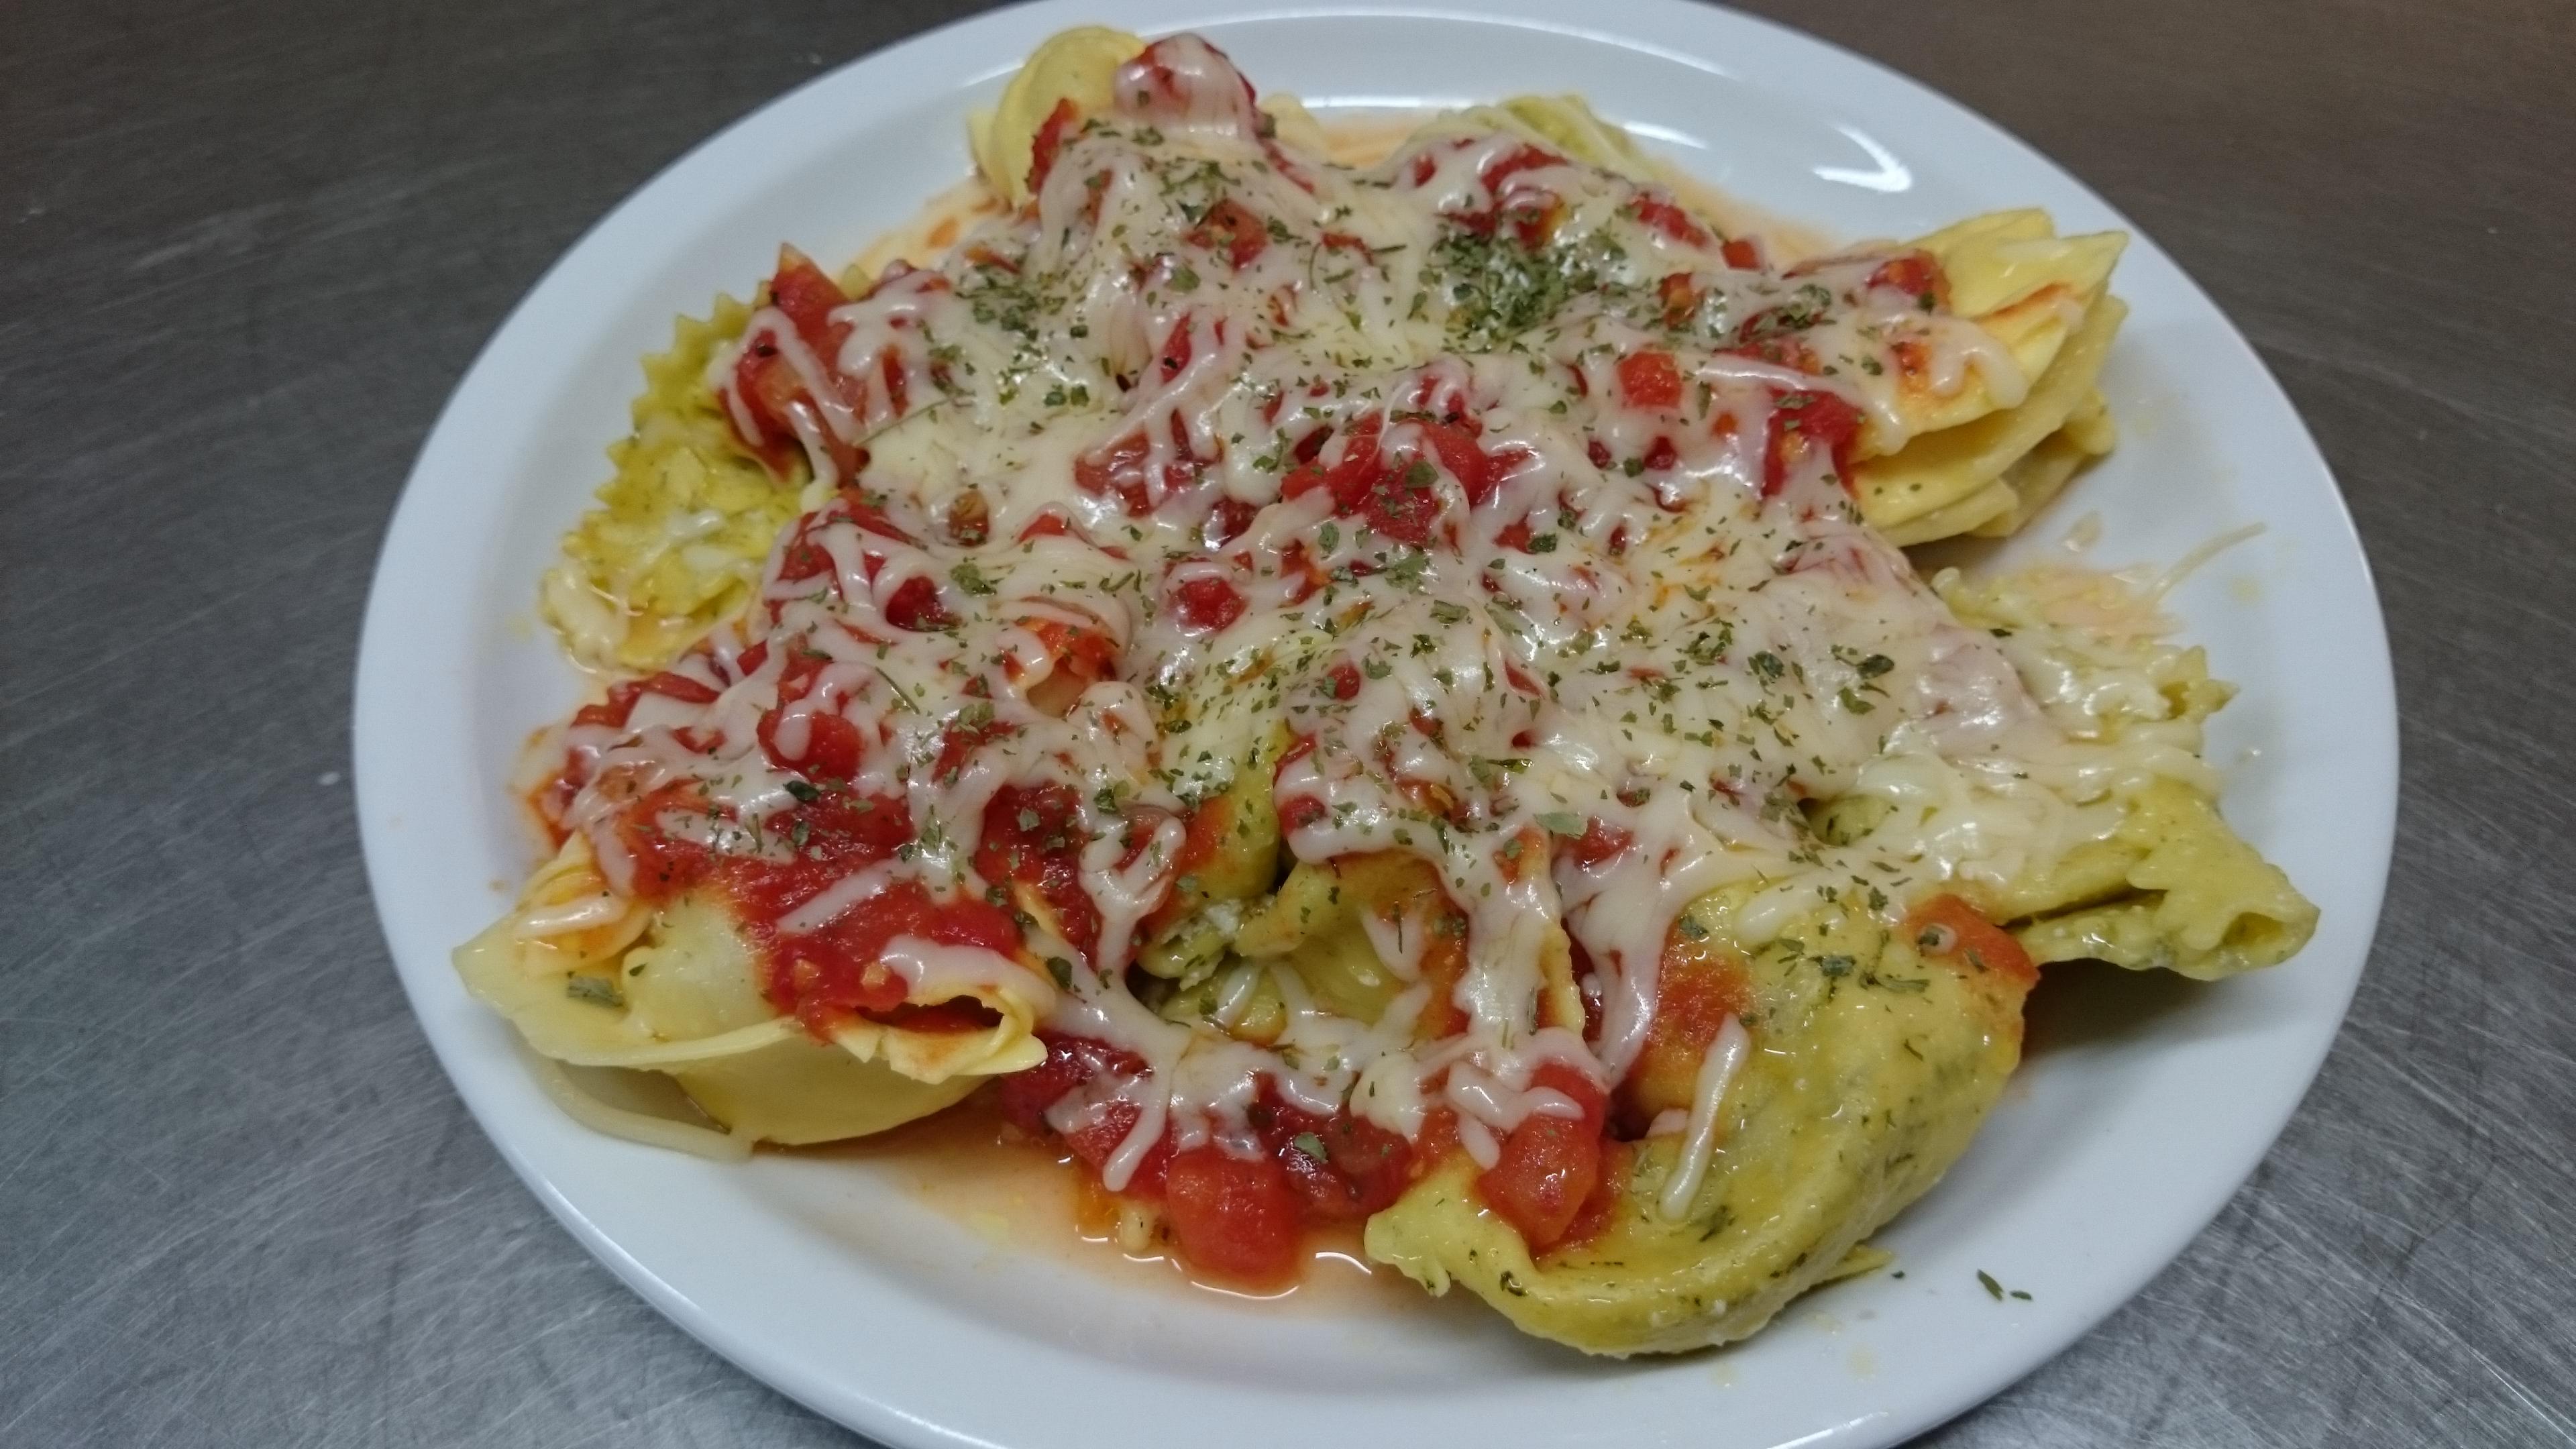 Tortellini au pesto sauce tomate